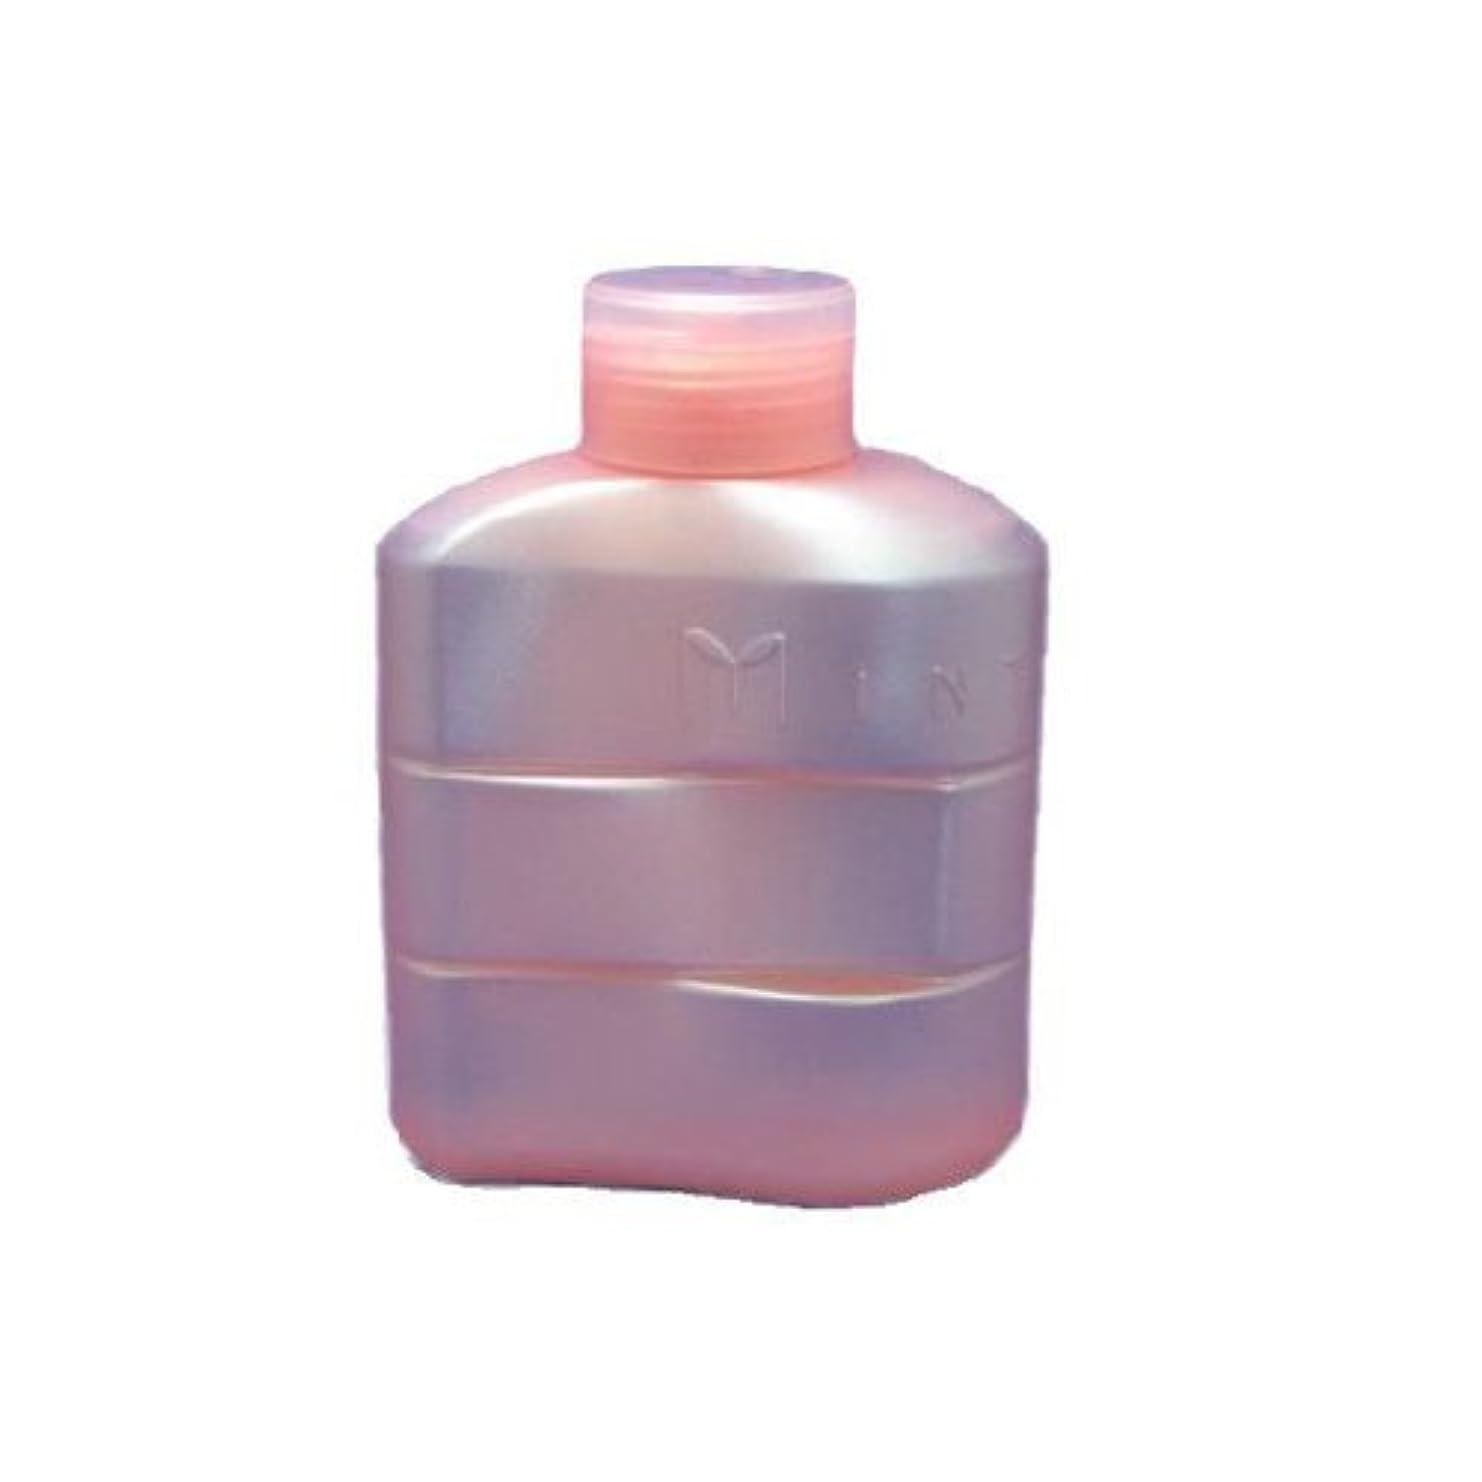 存在するほこりパイントアリミノ ミント シャンプー ナチュラル 220ml